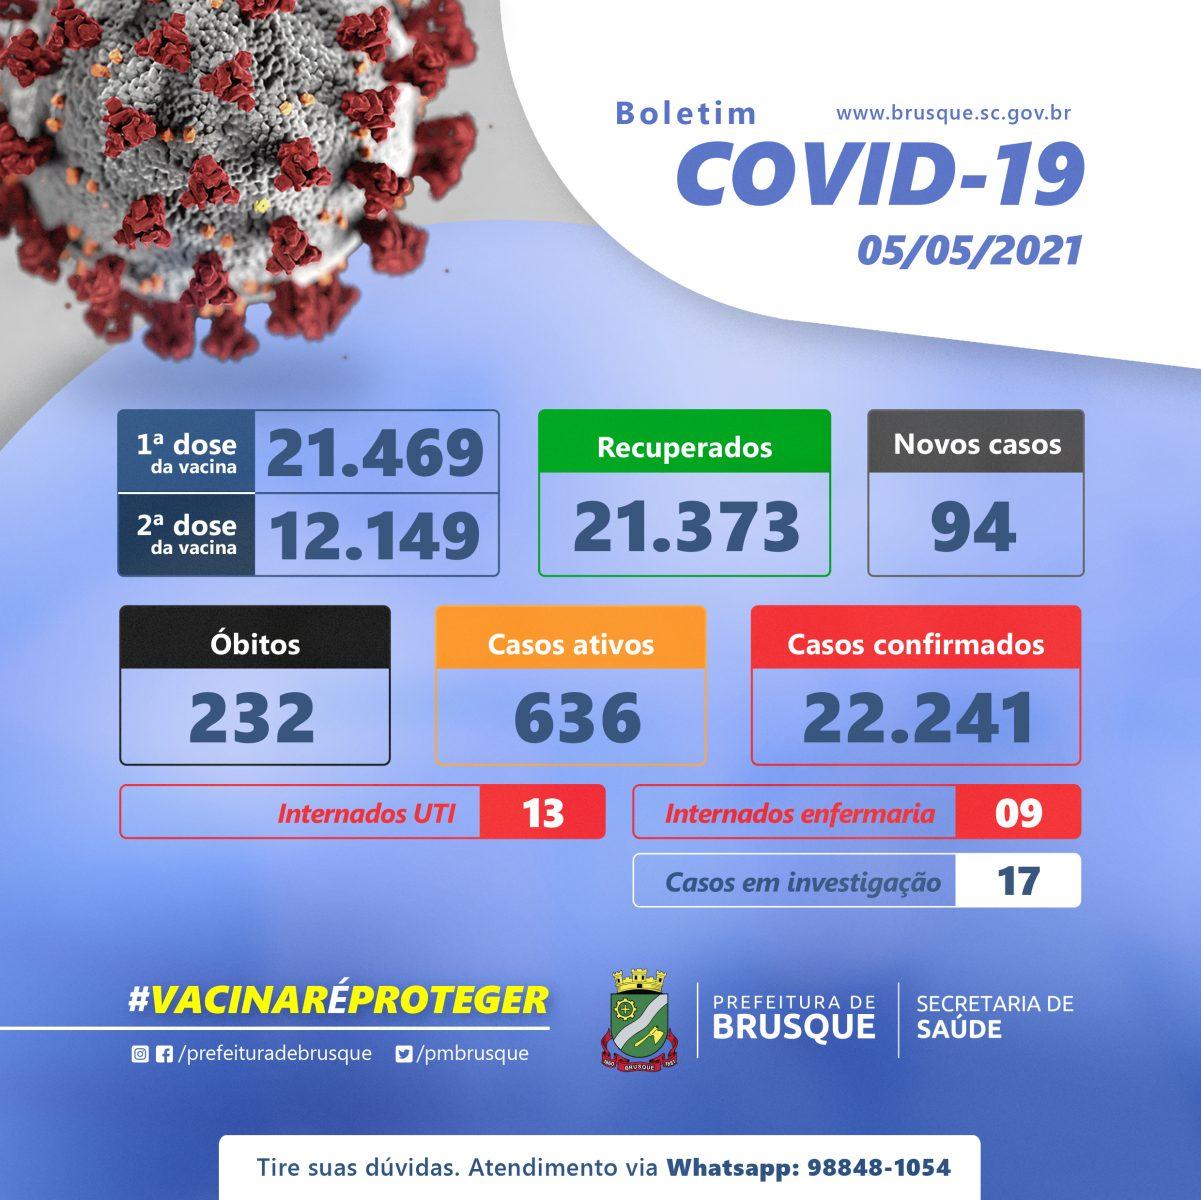 COVID-19: Confira o boletim epidemiológico desta quarta-feira (05)